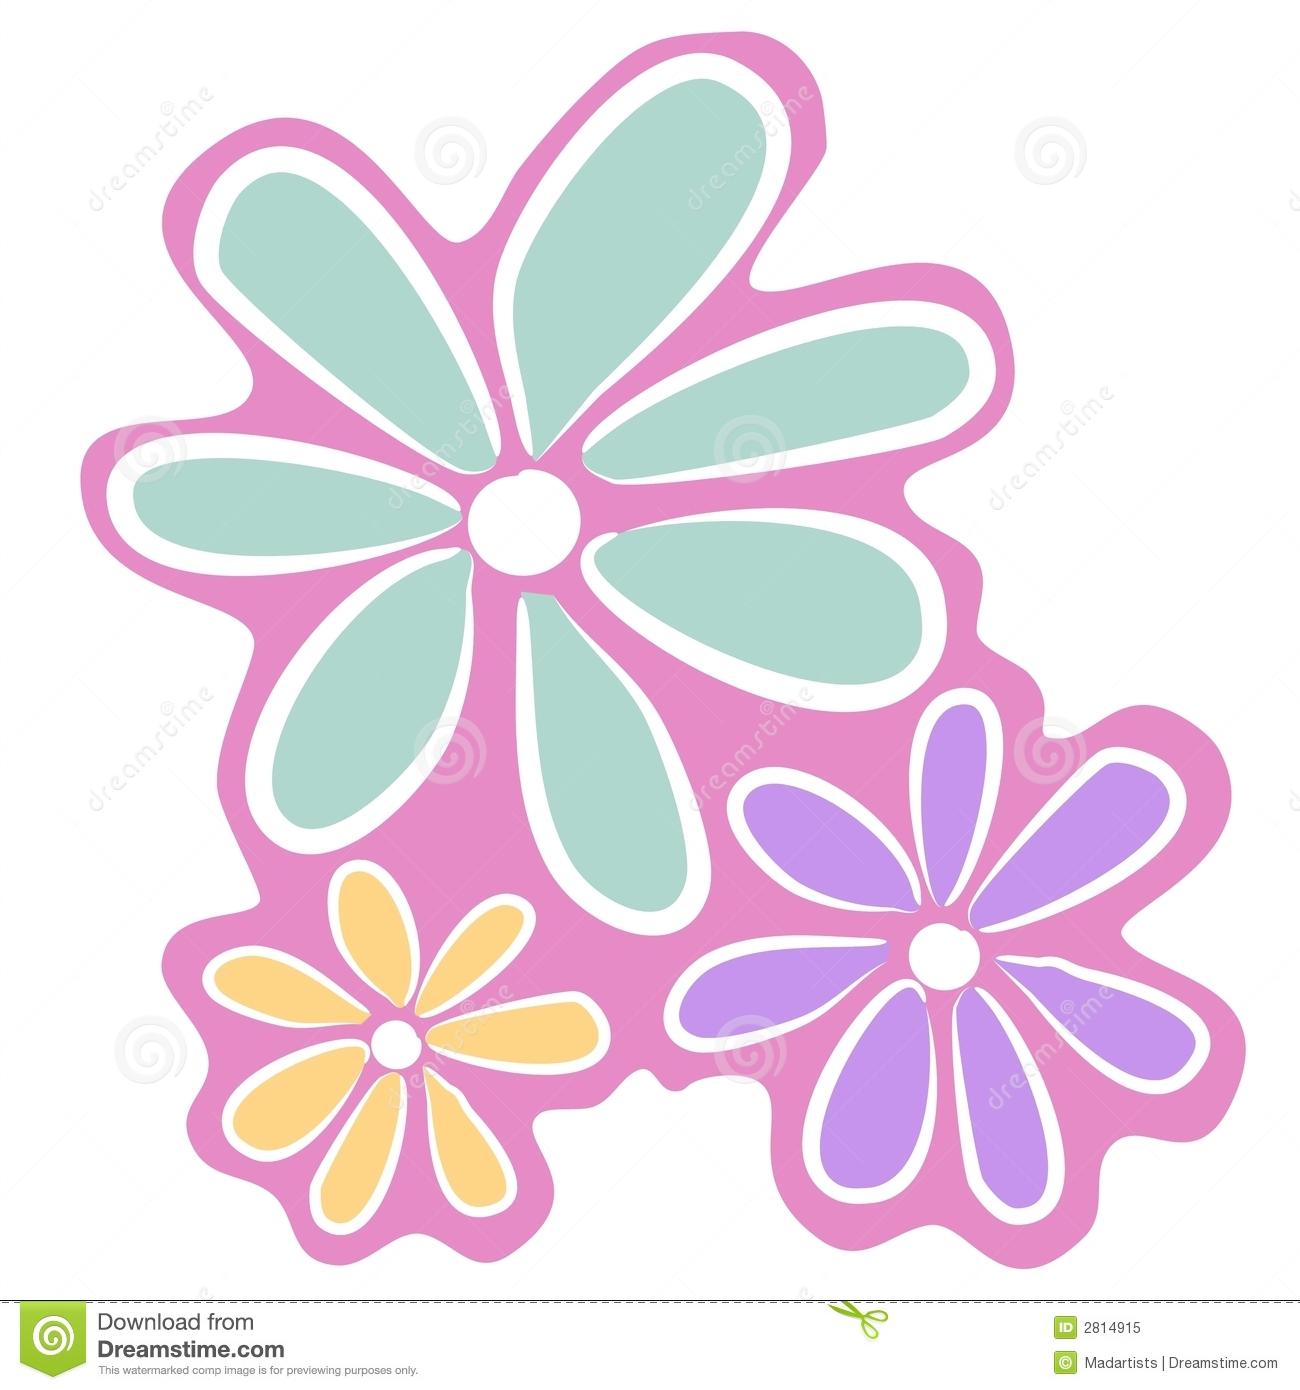 Elower clipart pink flower Flower Flower Clipart Free Clip